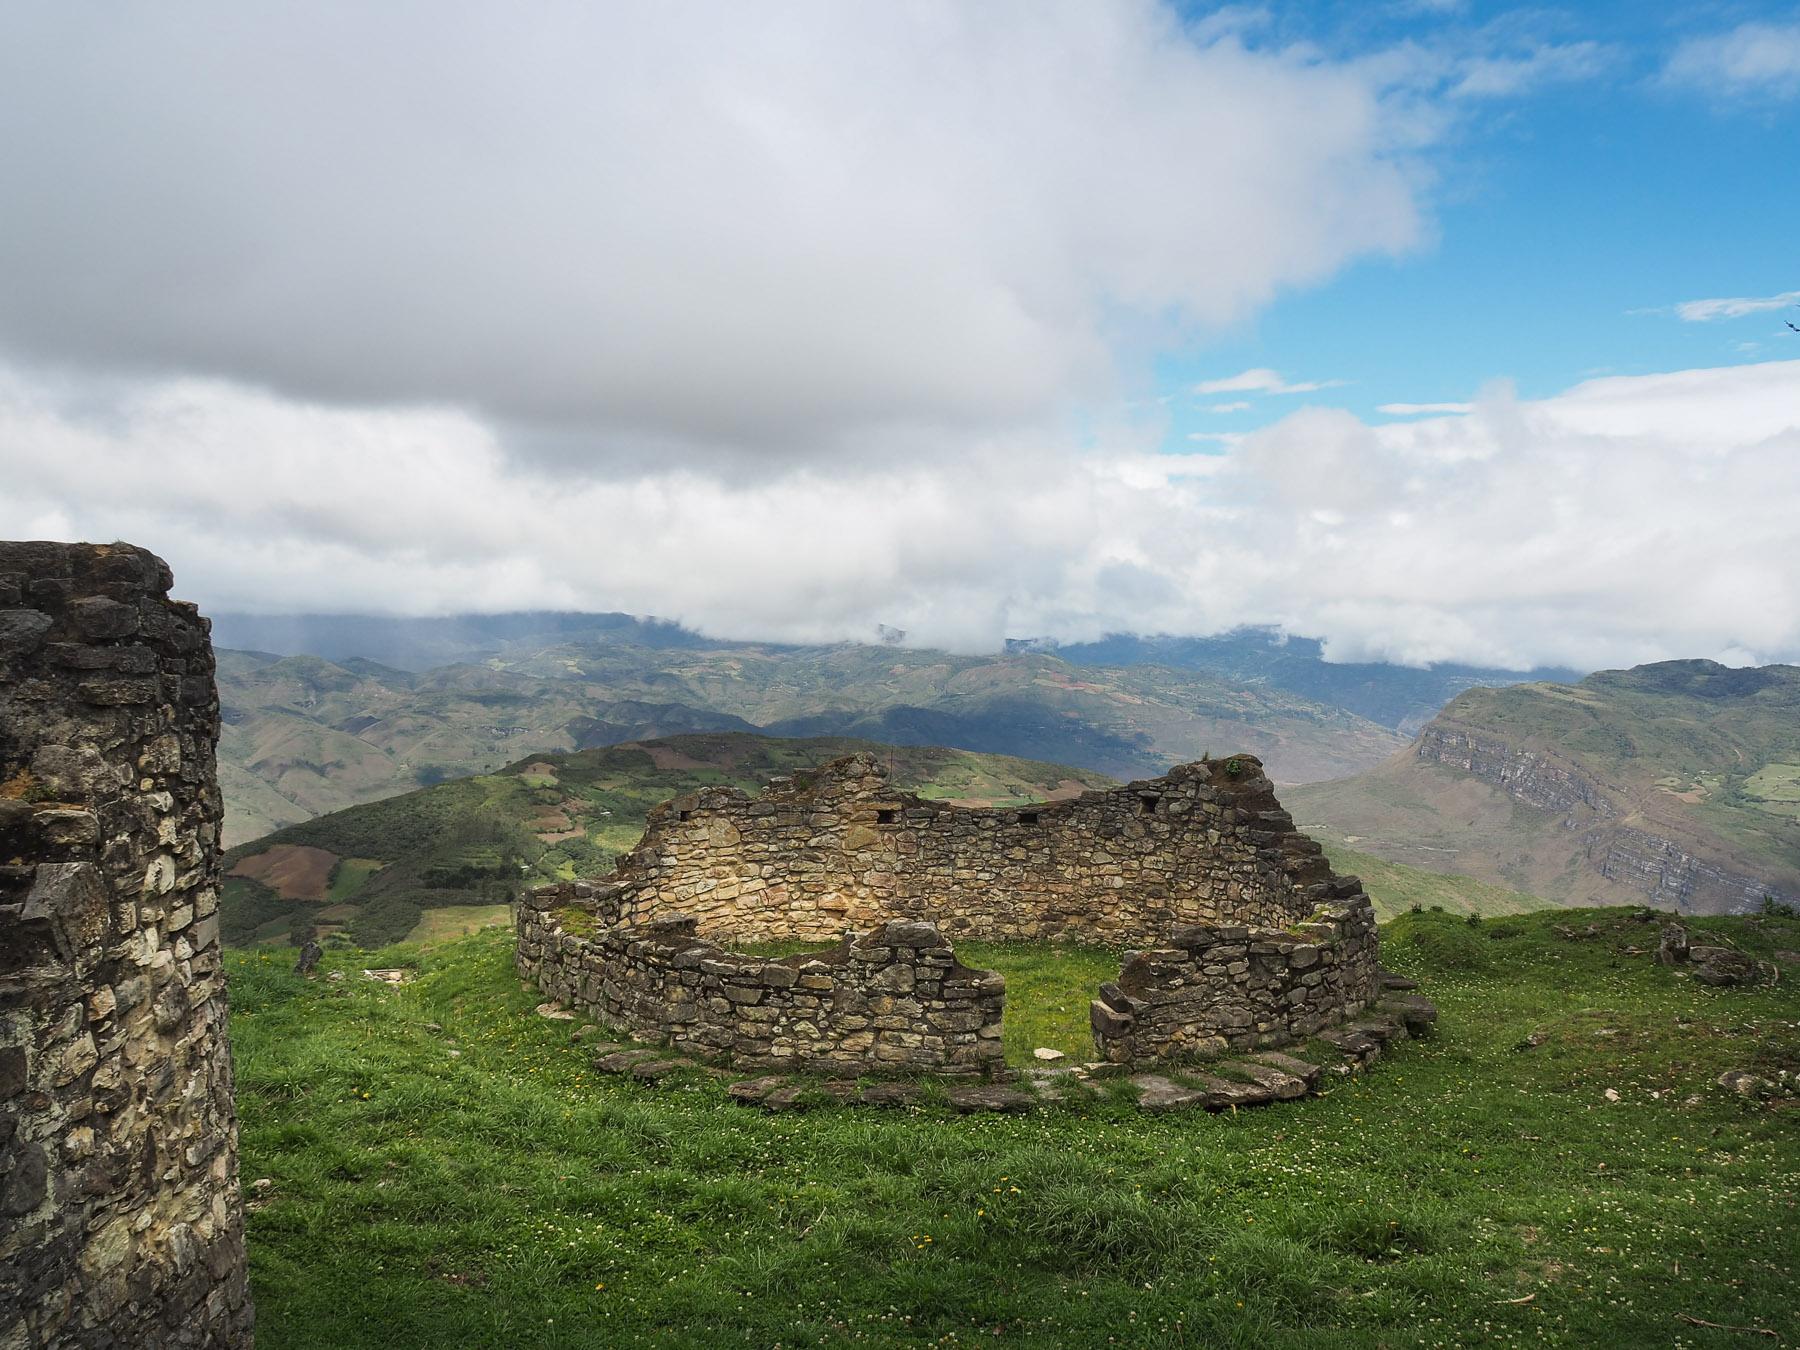 Weiter Blick  übers Land aus 3000 m Höhe